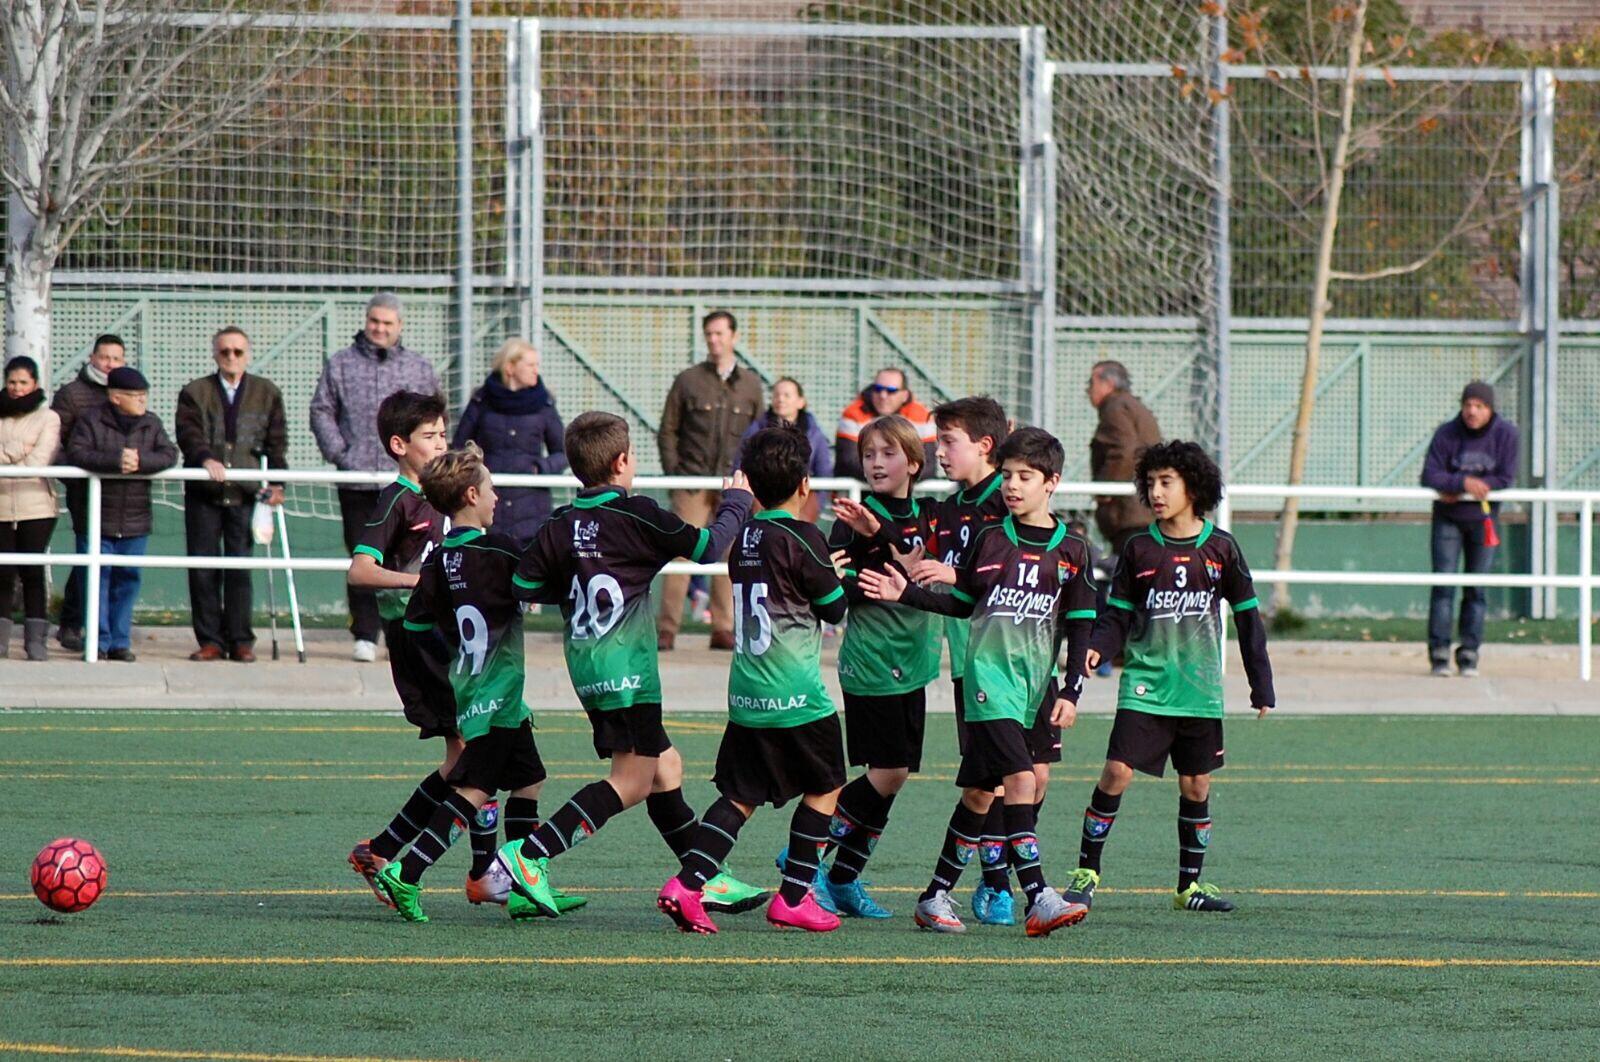 El Alevín C participará esta Semana Santa en el torneo Torrevieja International Cup